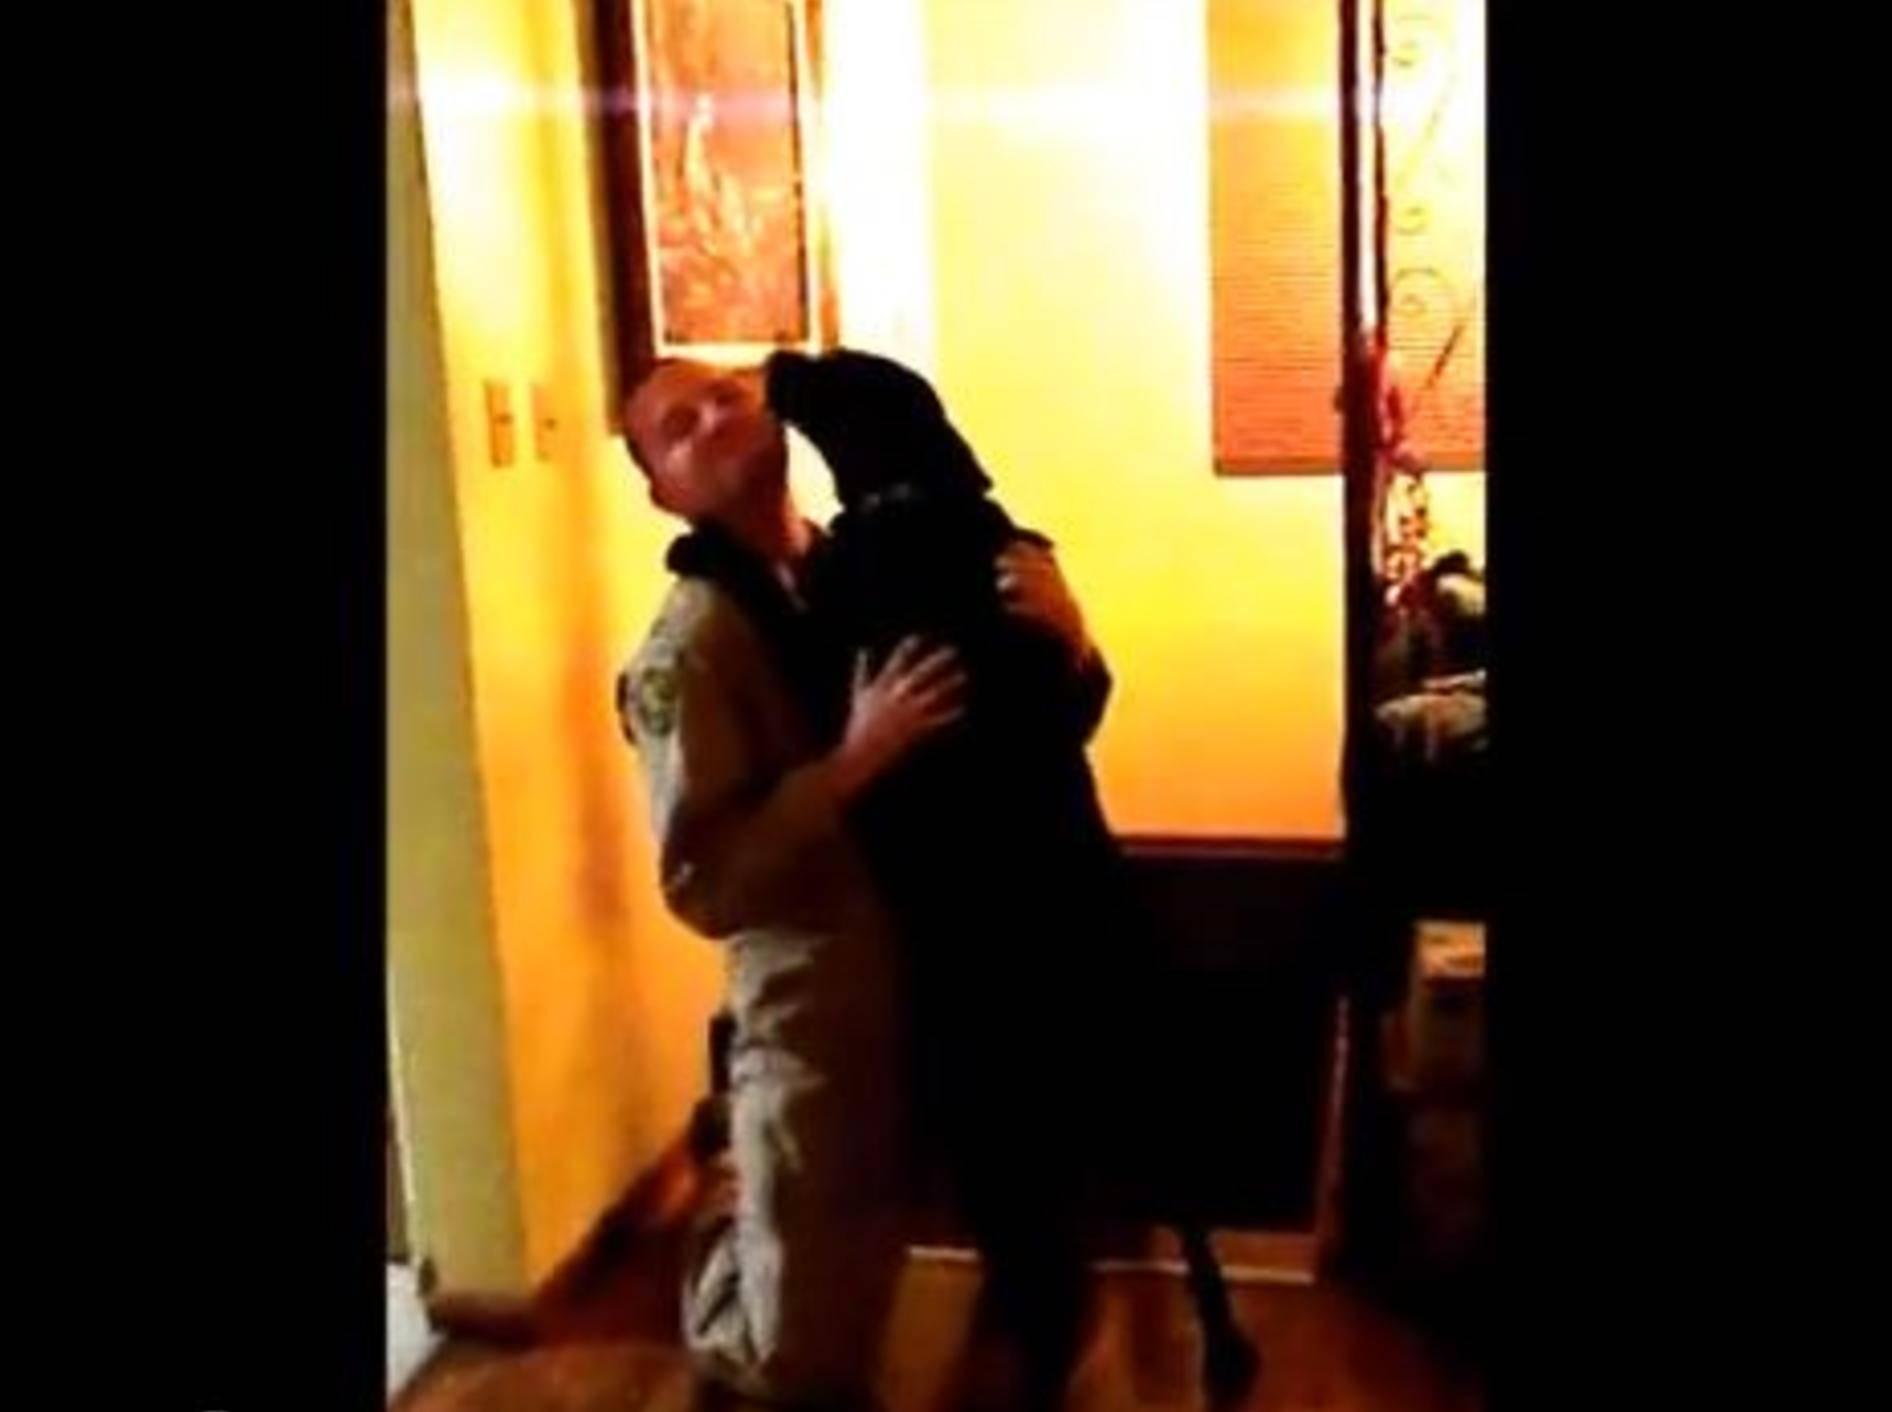 Sooo schön: Hund heißt sein Herrchen willkommen — Bild: Youtube / icecat8301